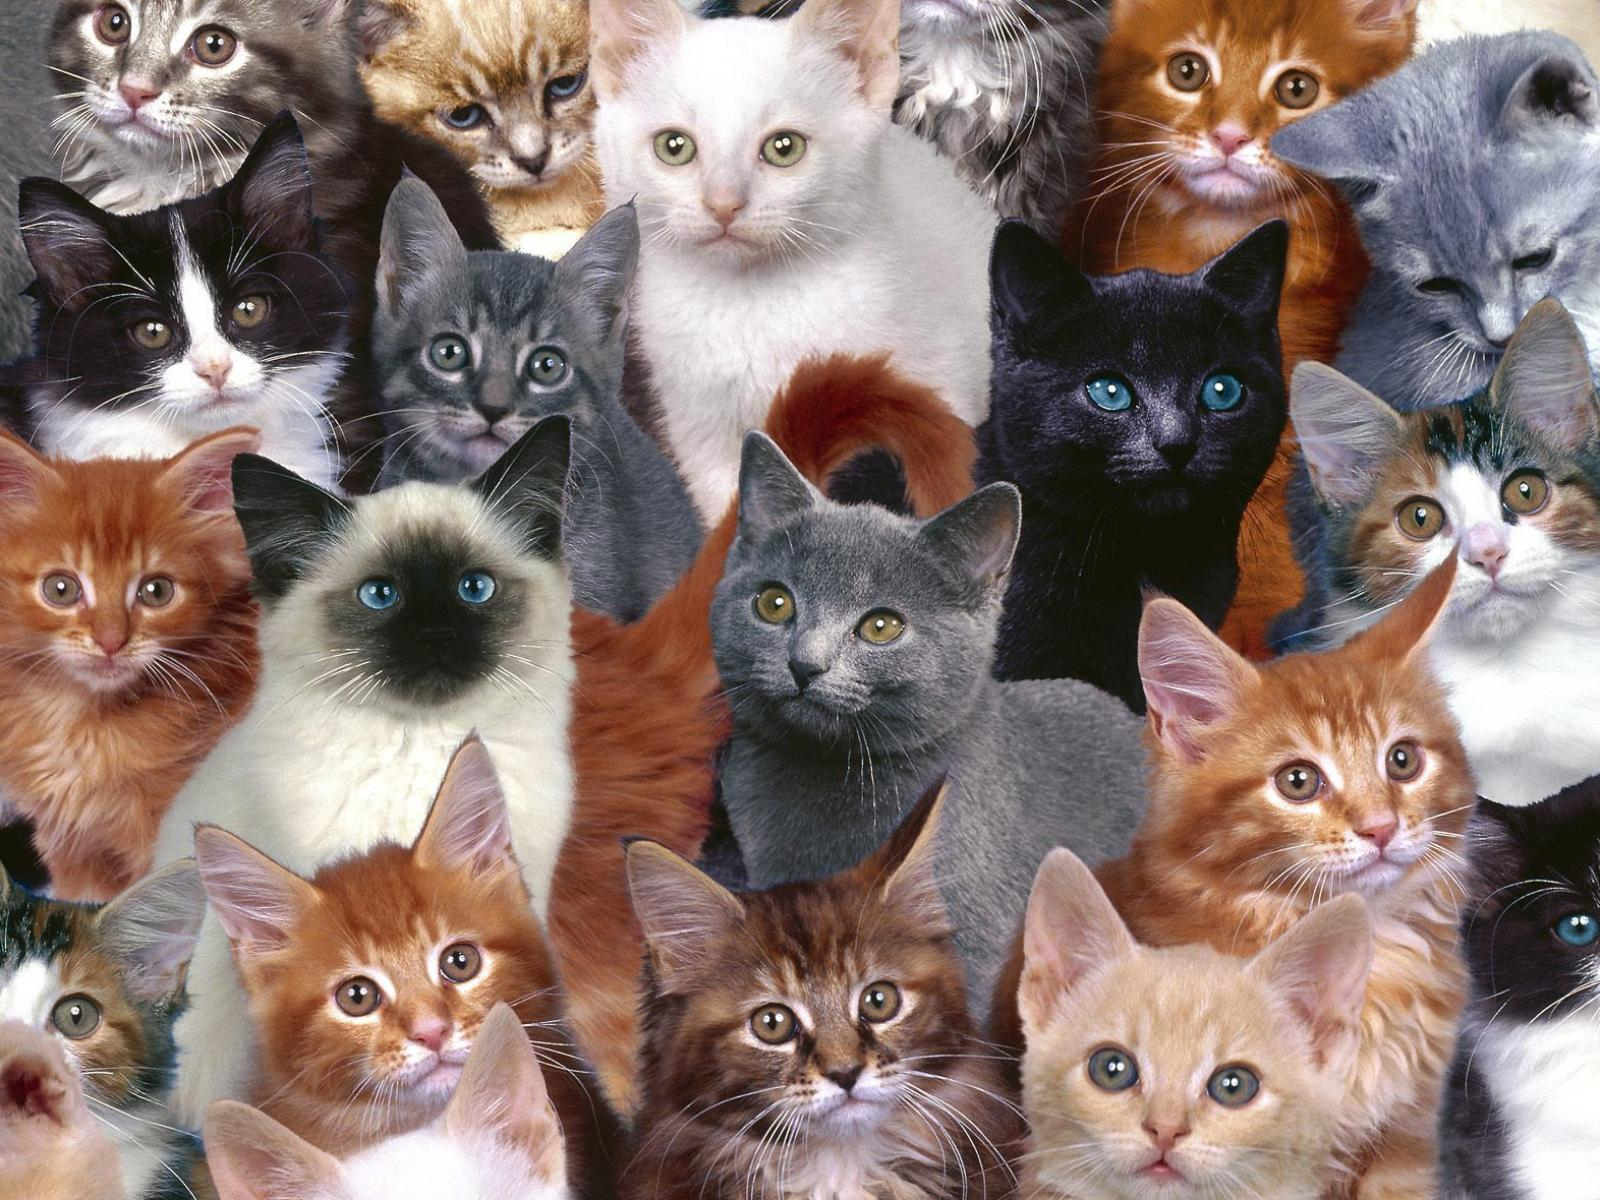 Смотреть Что значат коты по сонникам и как понять значение сновидения видео